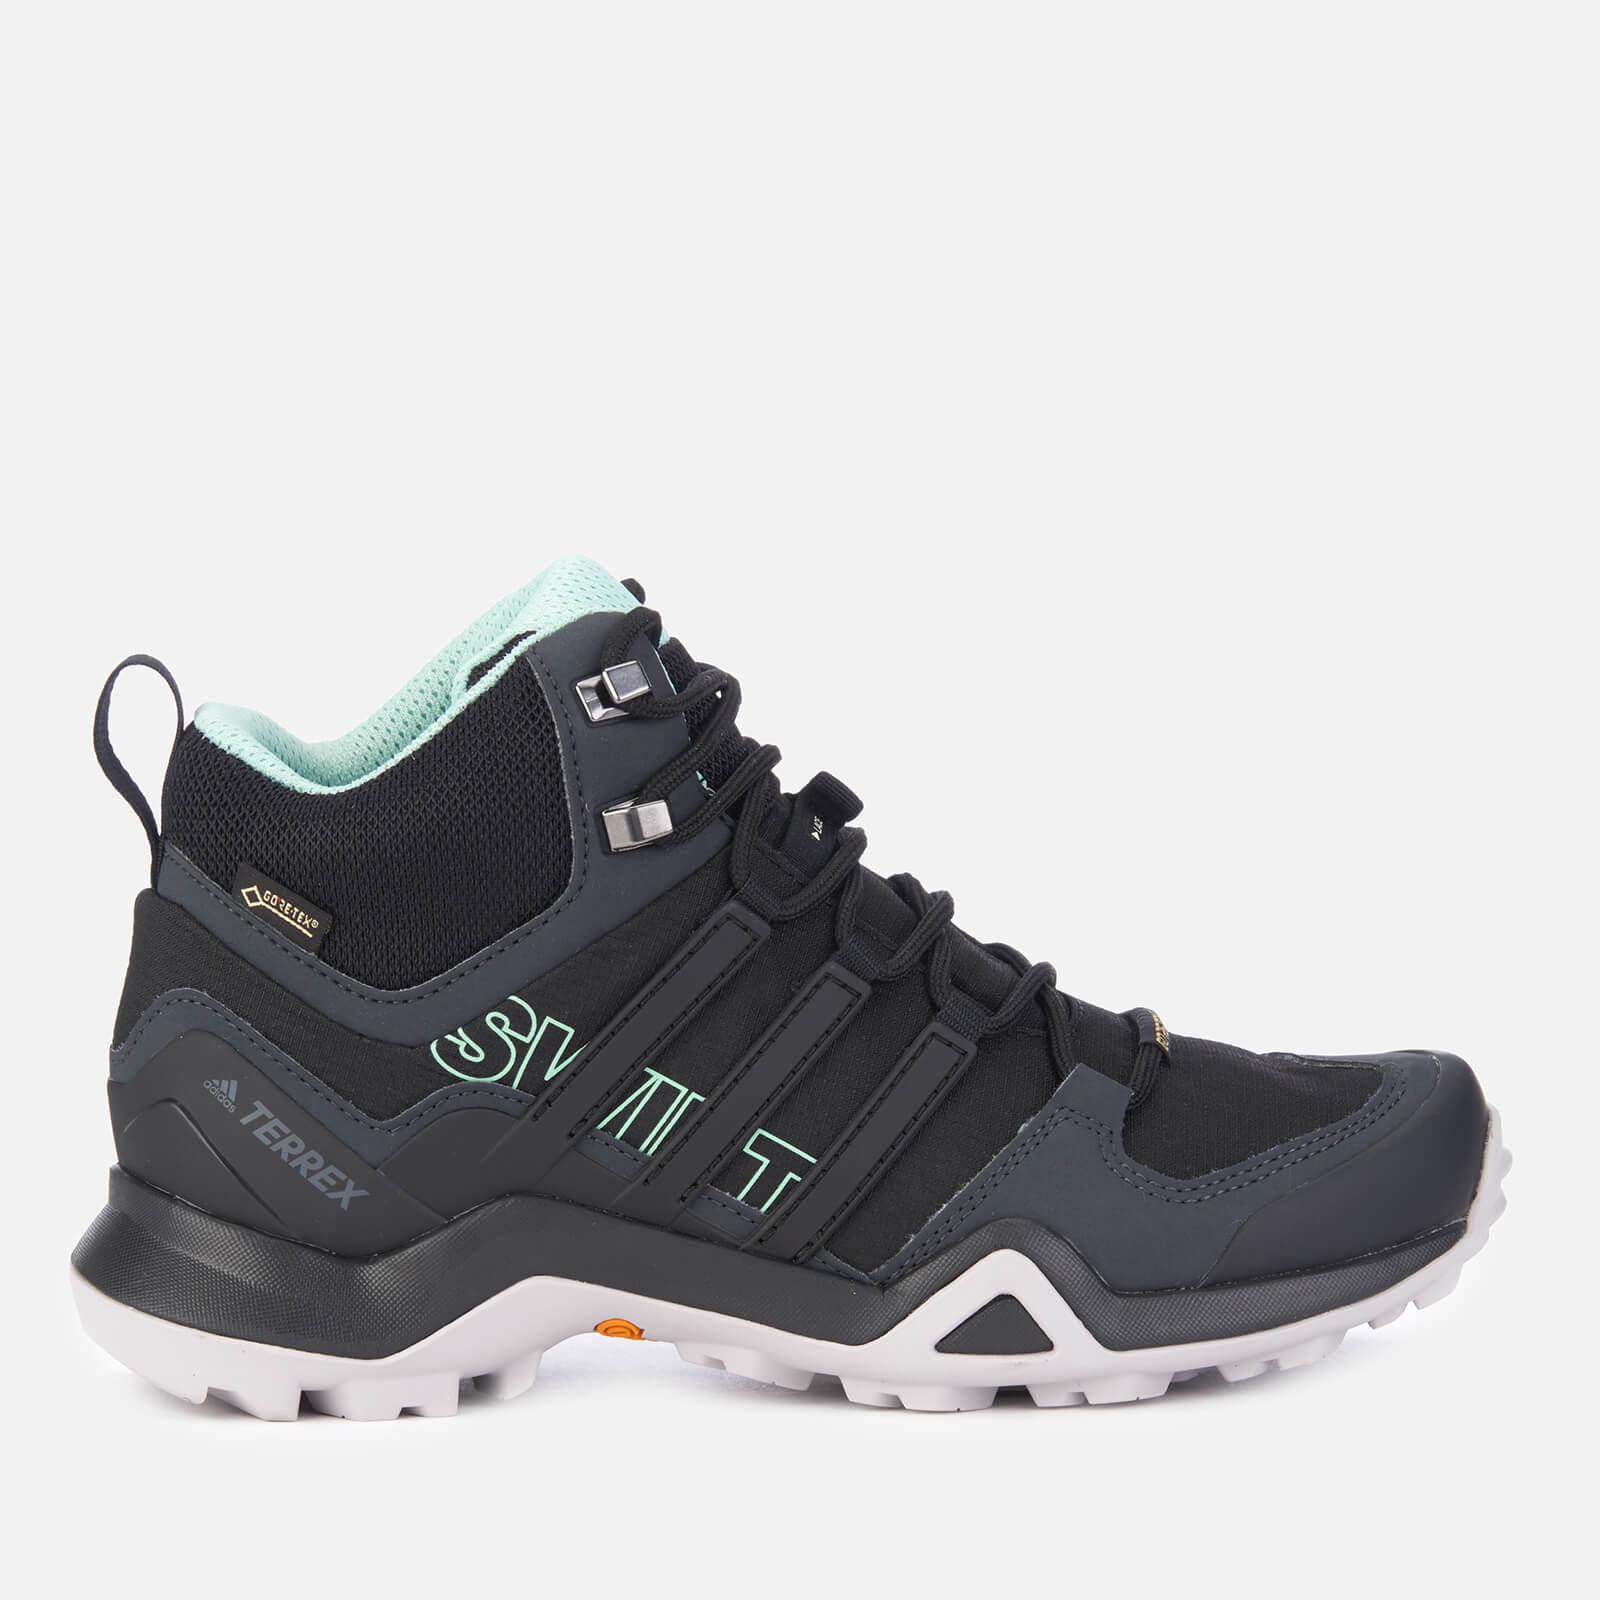 ed09b97fc3089 adidas Women s Terrex Swift R2 Mid Hiking Boots - Black Sports   Leisure